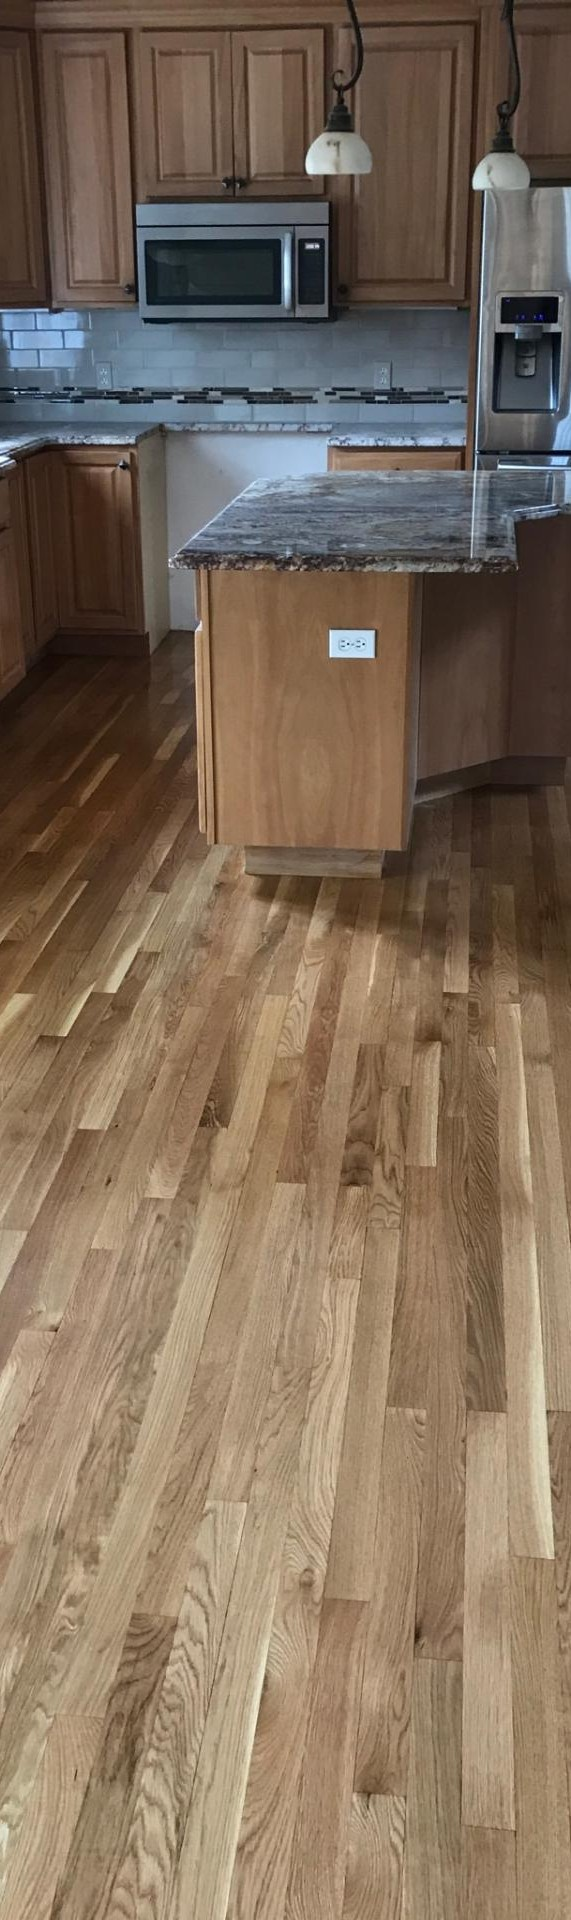 natural white oak floors